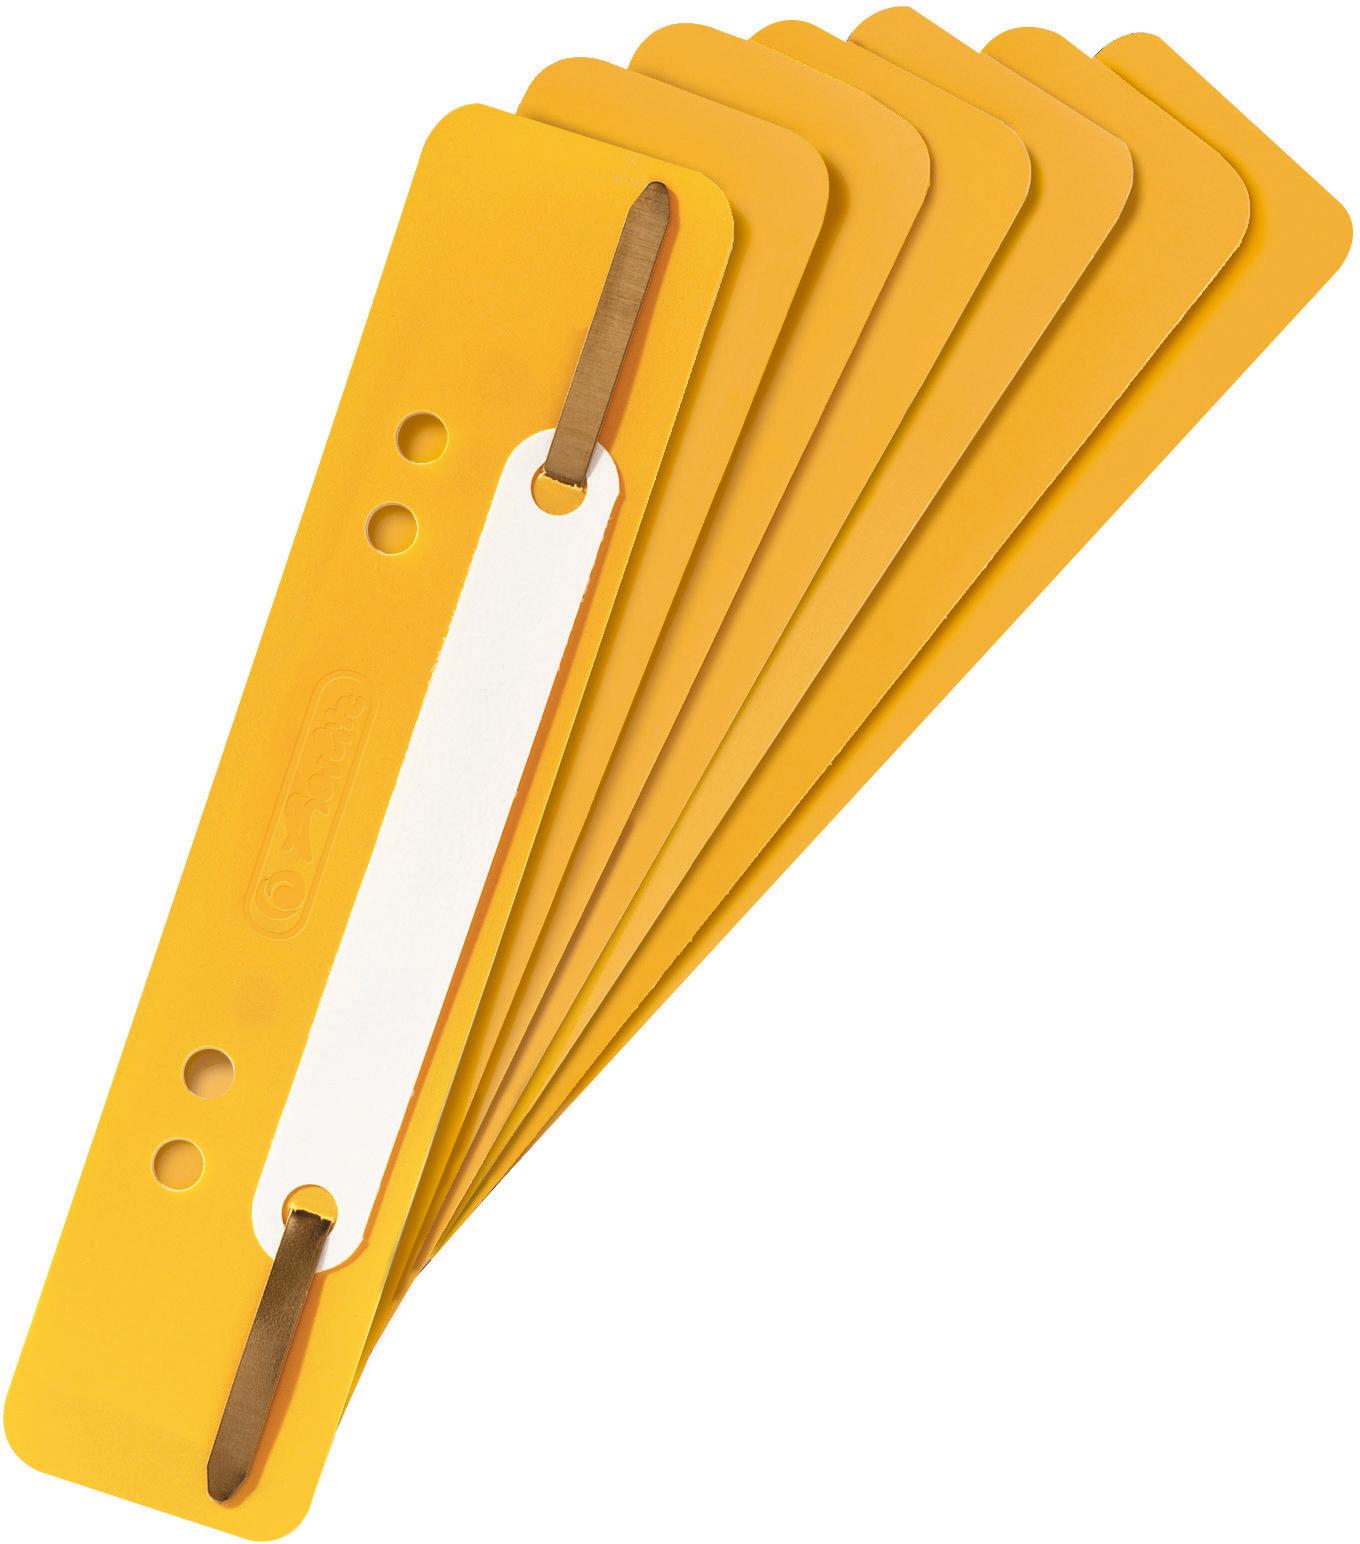 Heftstreifen mit Plastik-Deckleiste,  34 x 150 mm in der Farbe gelb aus Polypropylen